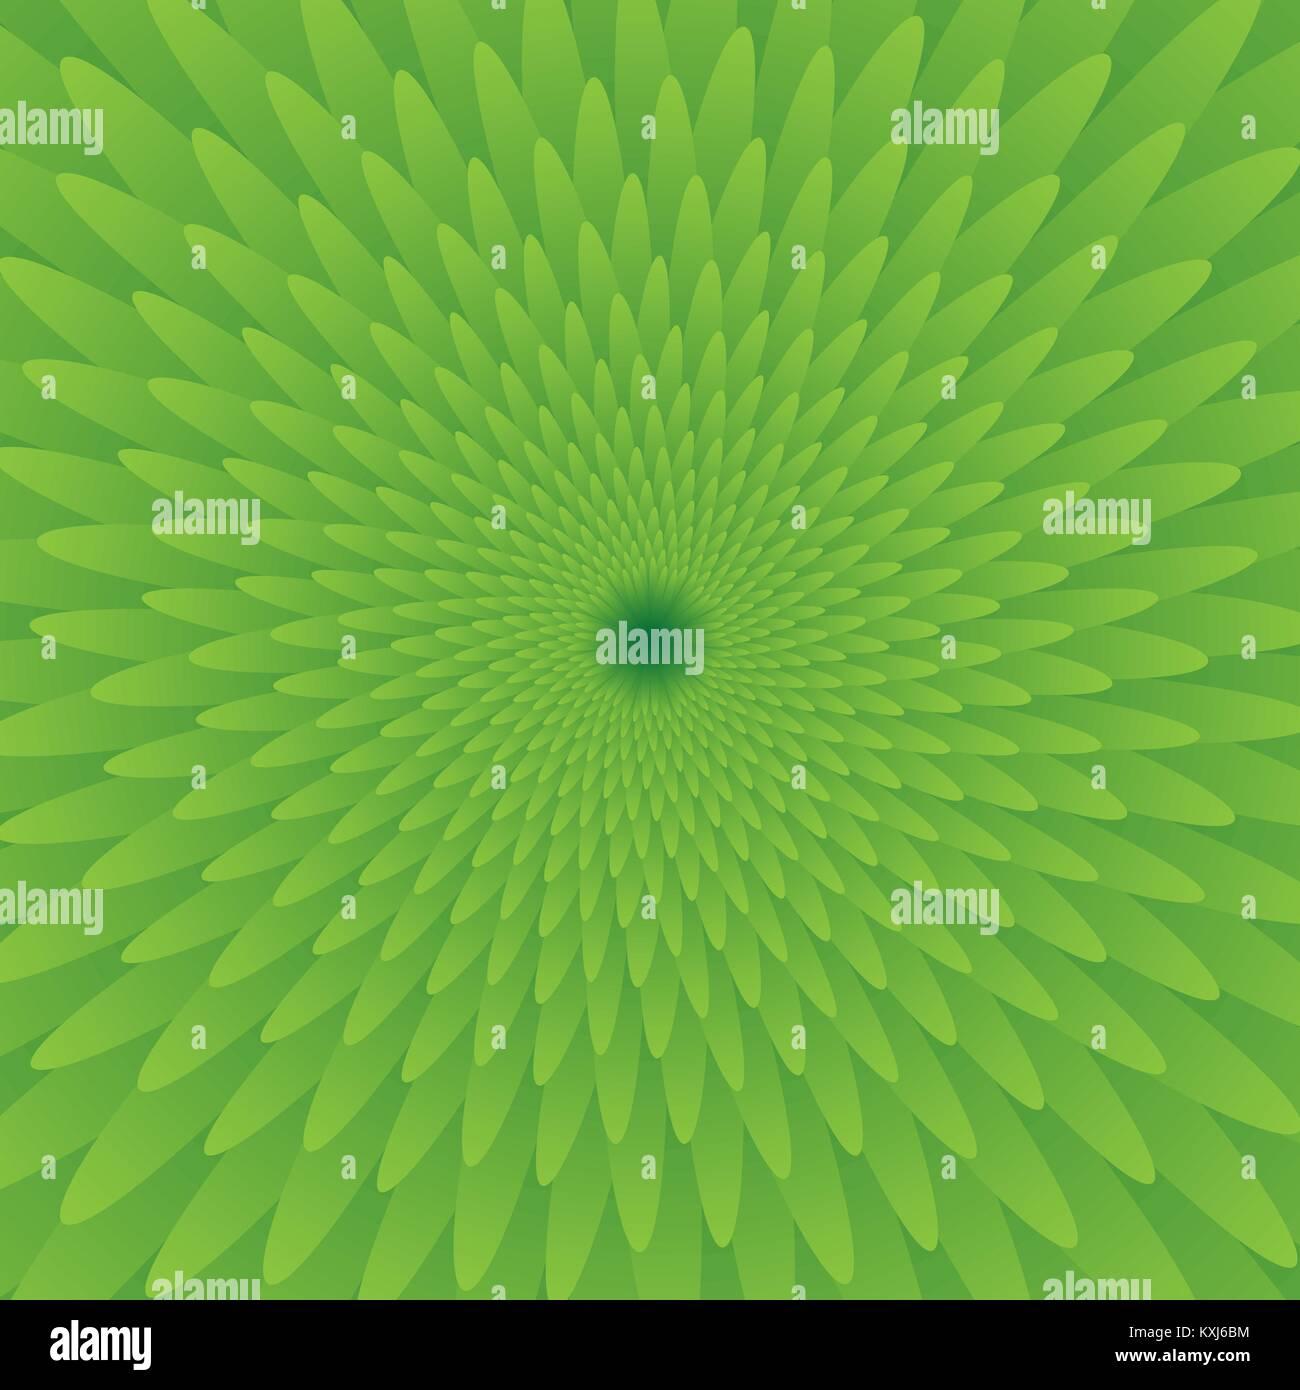 Abstrakt Grün optische Täuschung, kreative vector Hintergrund mit Farbverlauf Blütenblätter, Bewegung simulation Stock Vektor